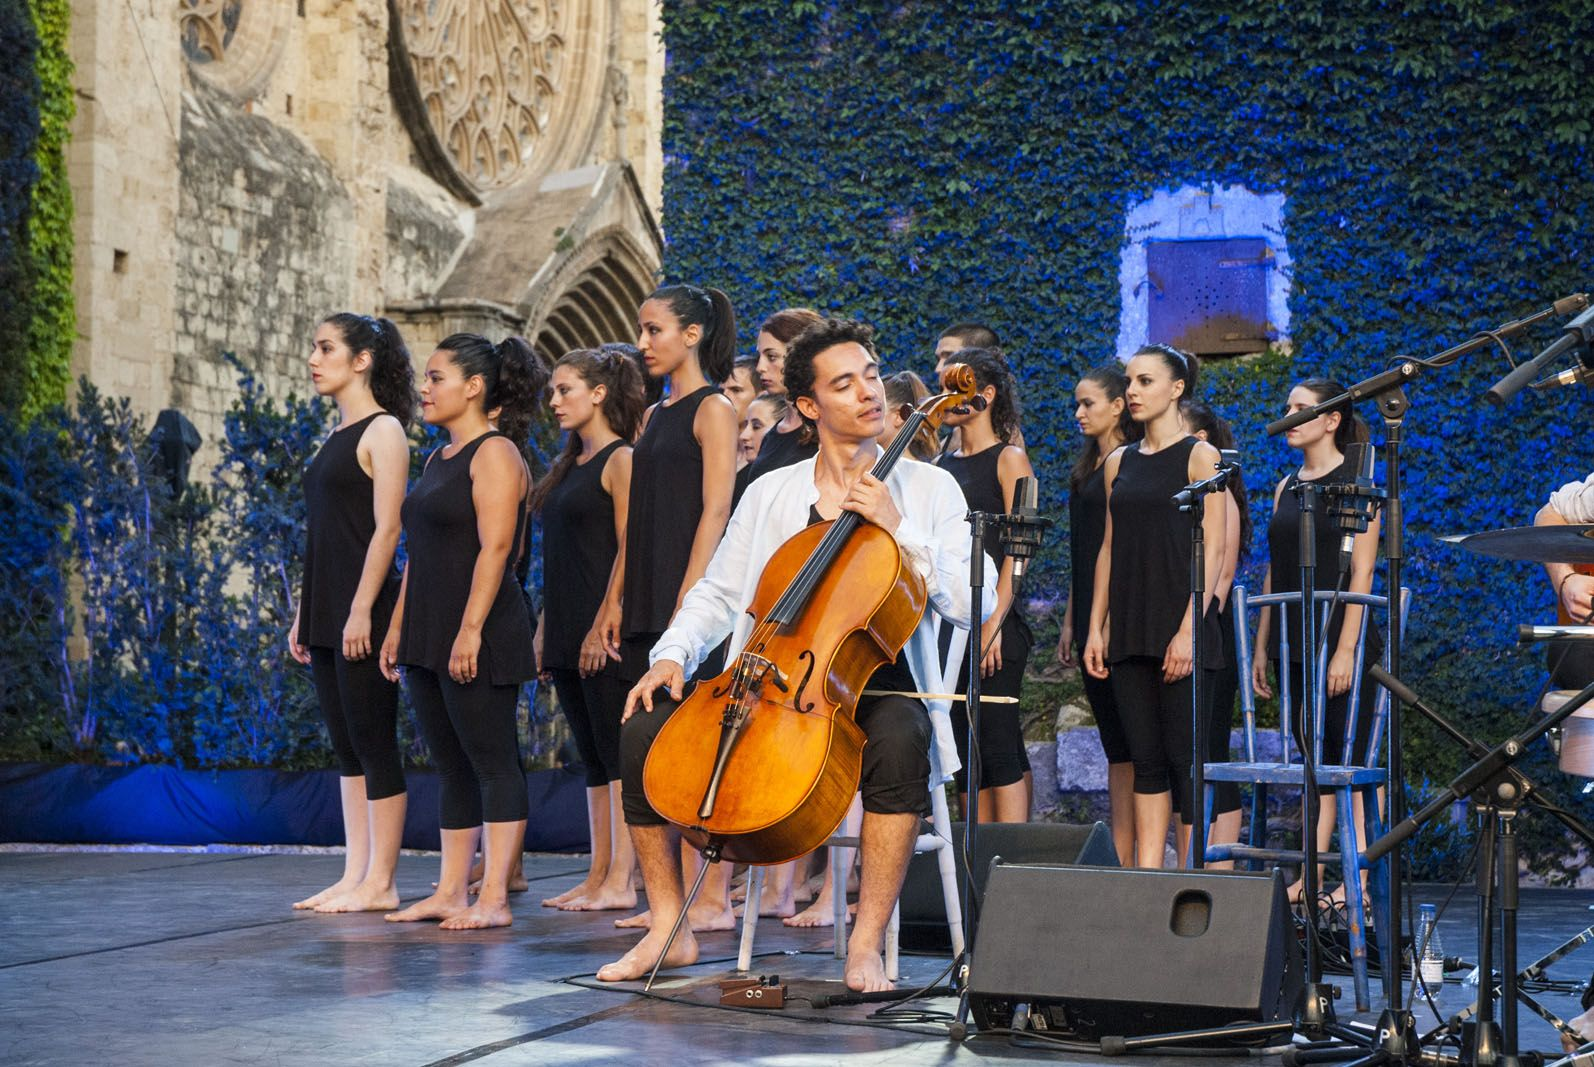 La música de Pere Martínez Quartet ha encisat. FOTO: Aida Sotelo